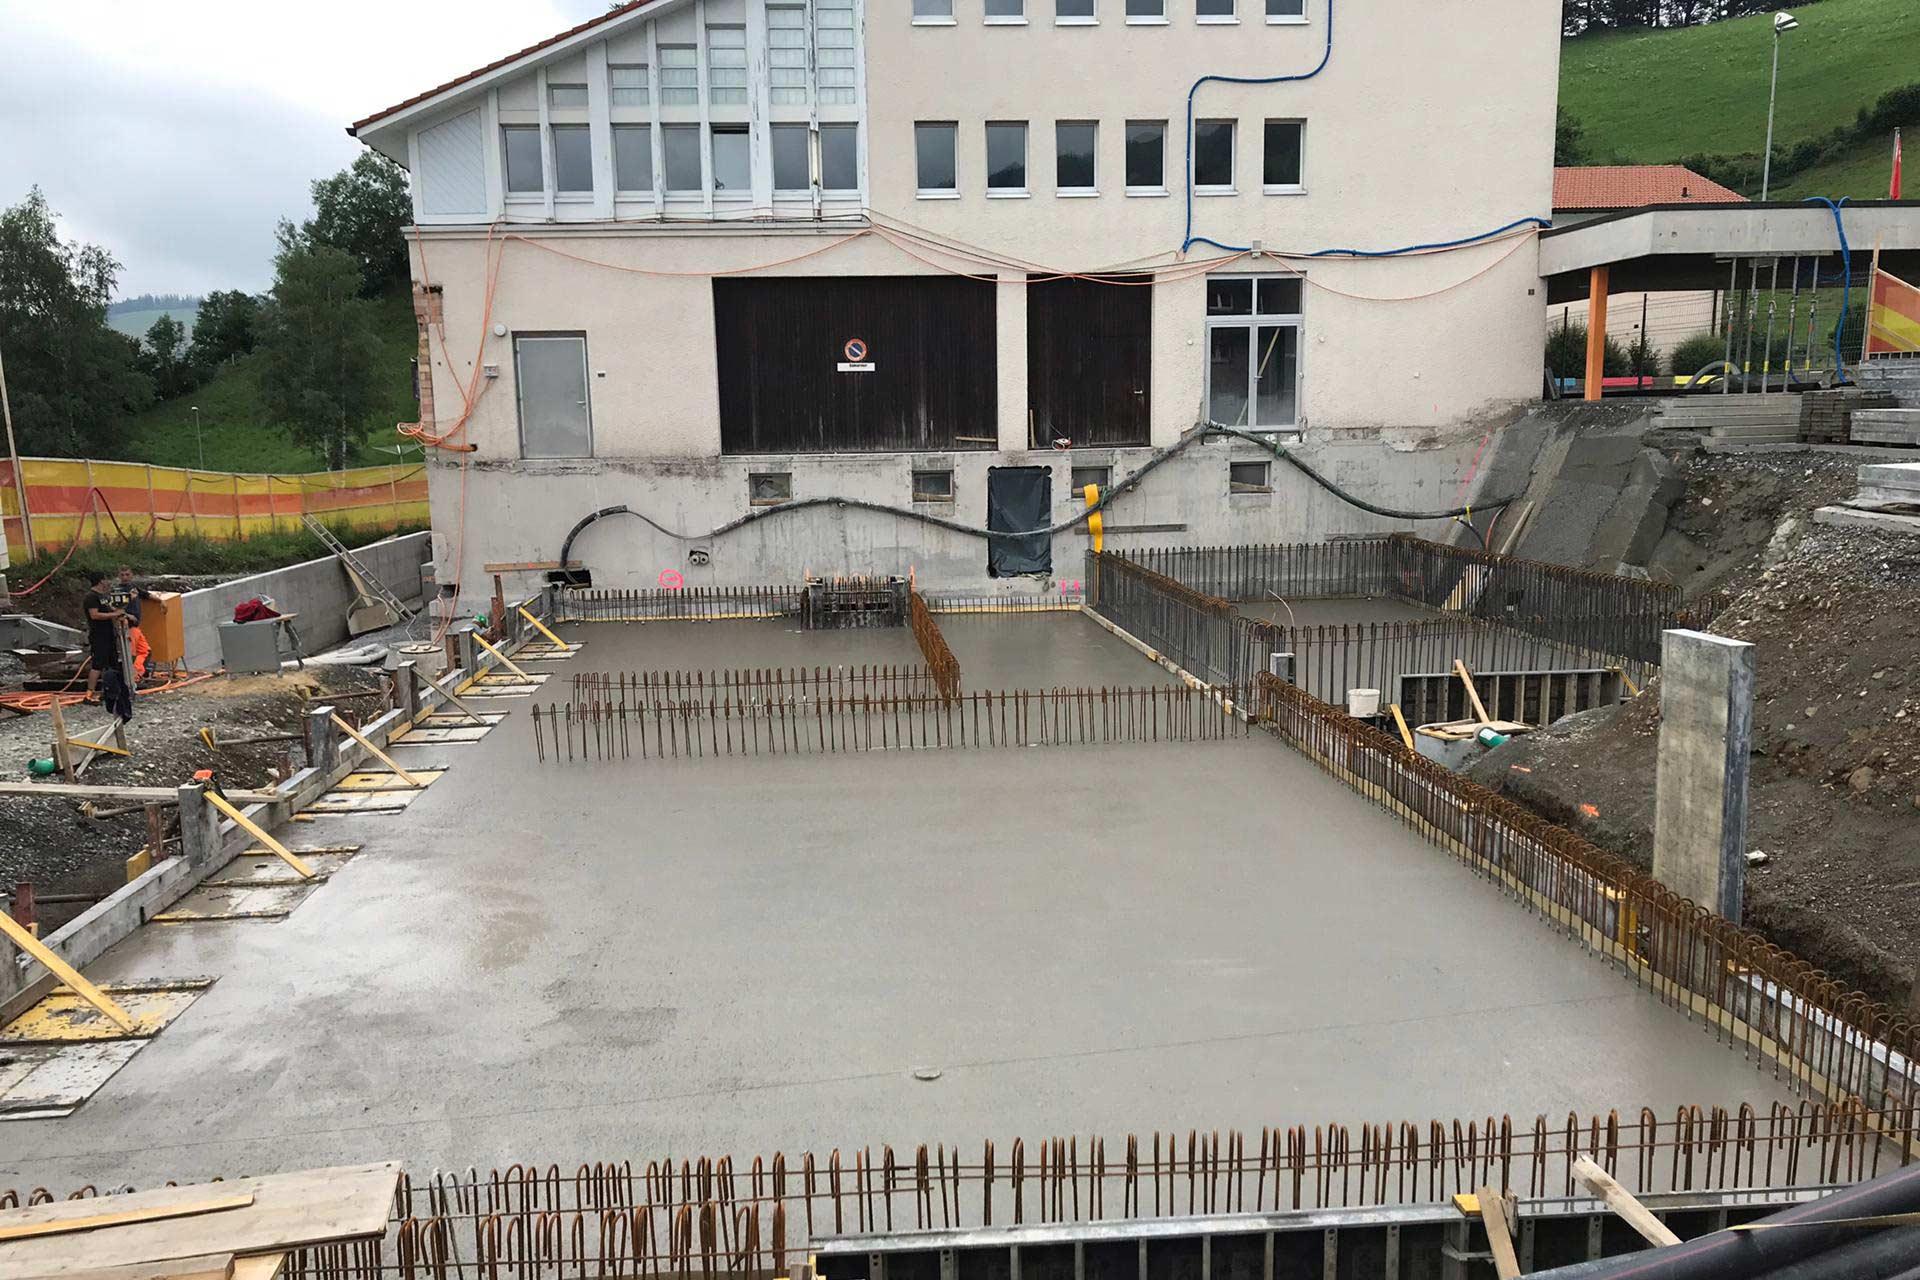 Referenzen, Kanton Schwyz, Primarschule Rothenthurm